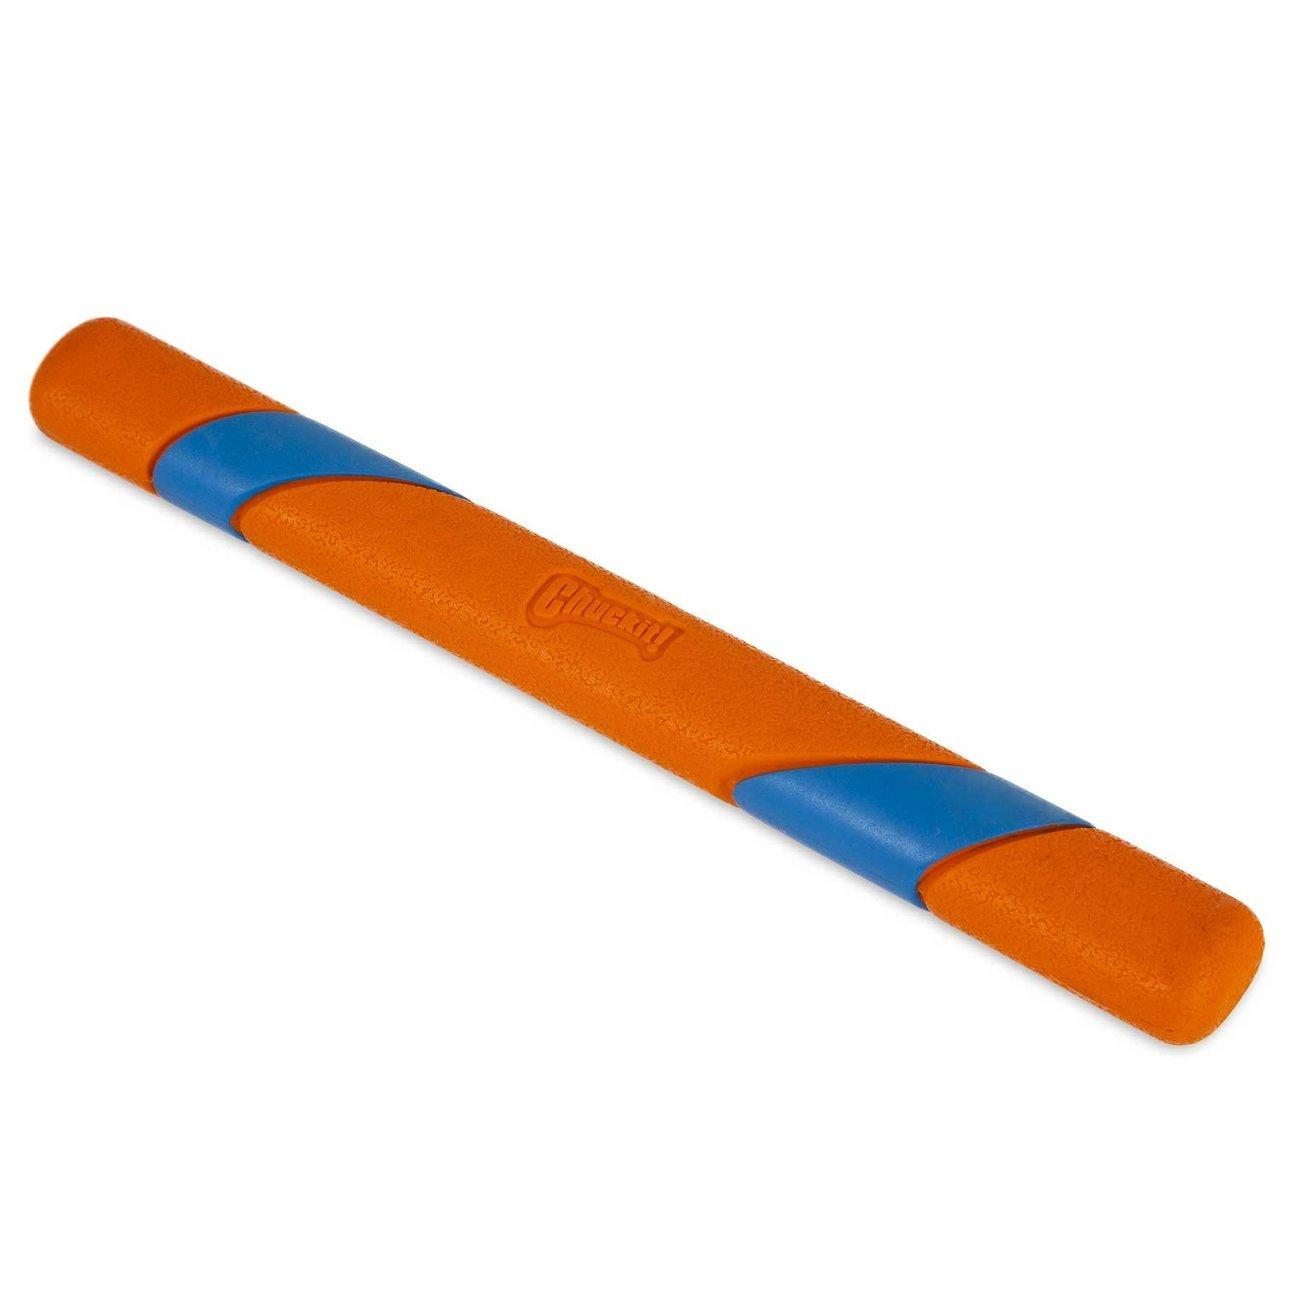 Chuckit! Ultra Fetch Stick